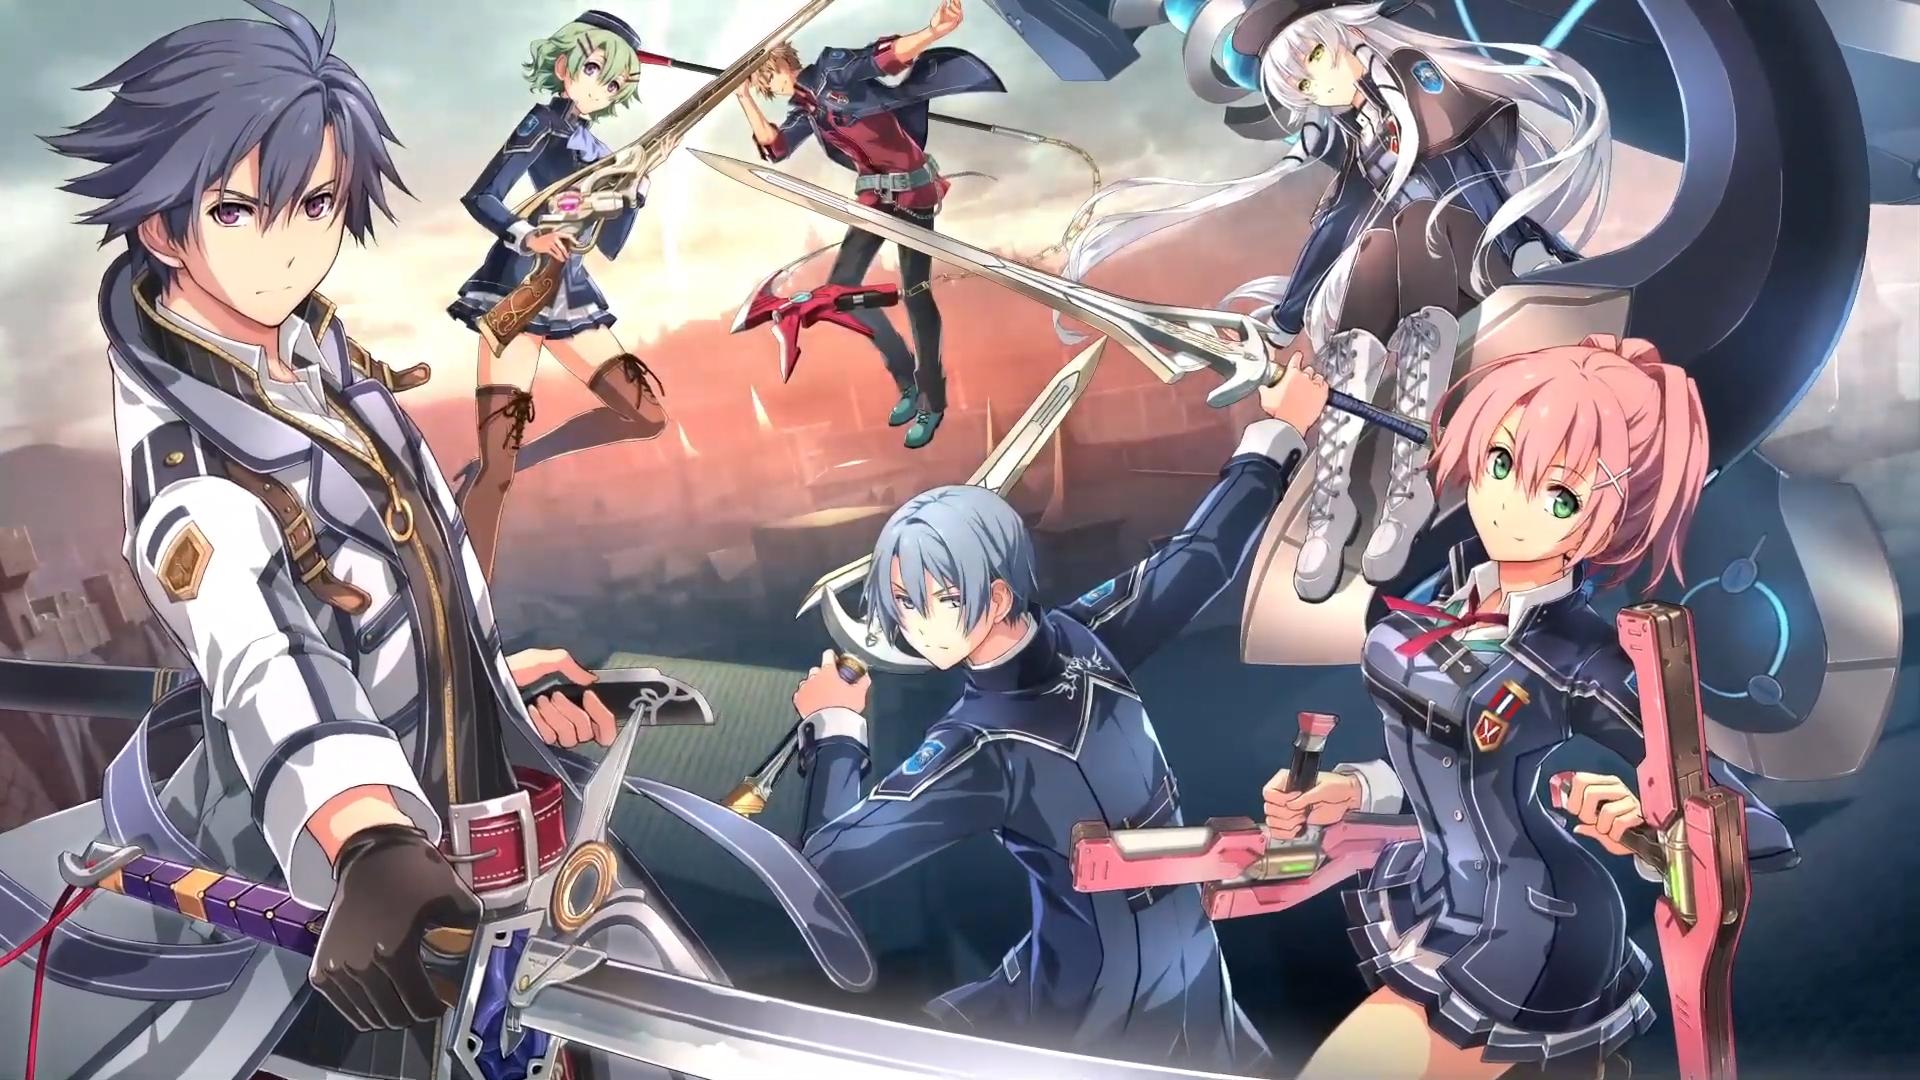 Annunciato l'arrivo di The Legend of Heroes: Trails of Cold Steel III su PC il 23 marzo